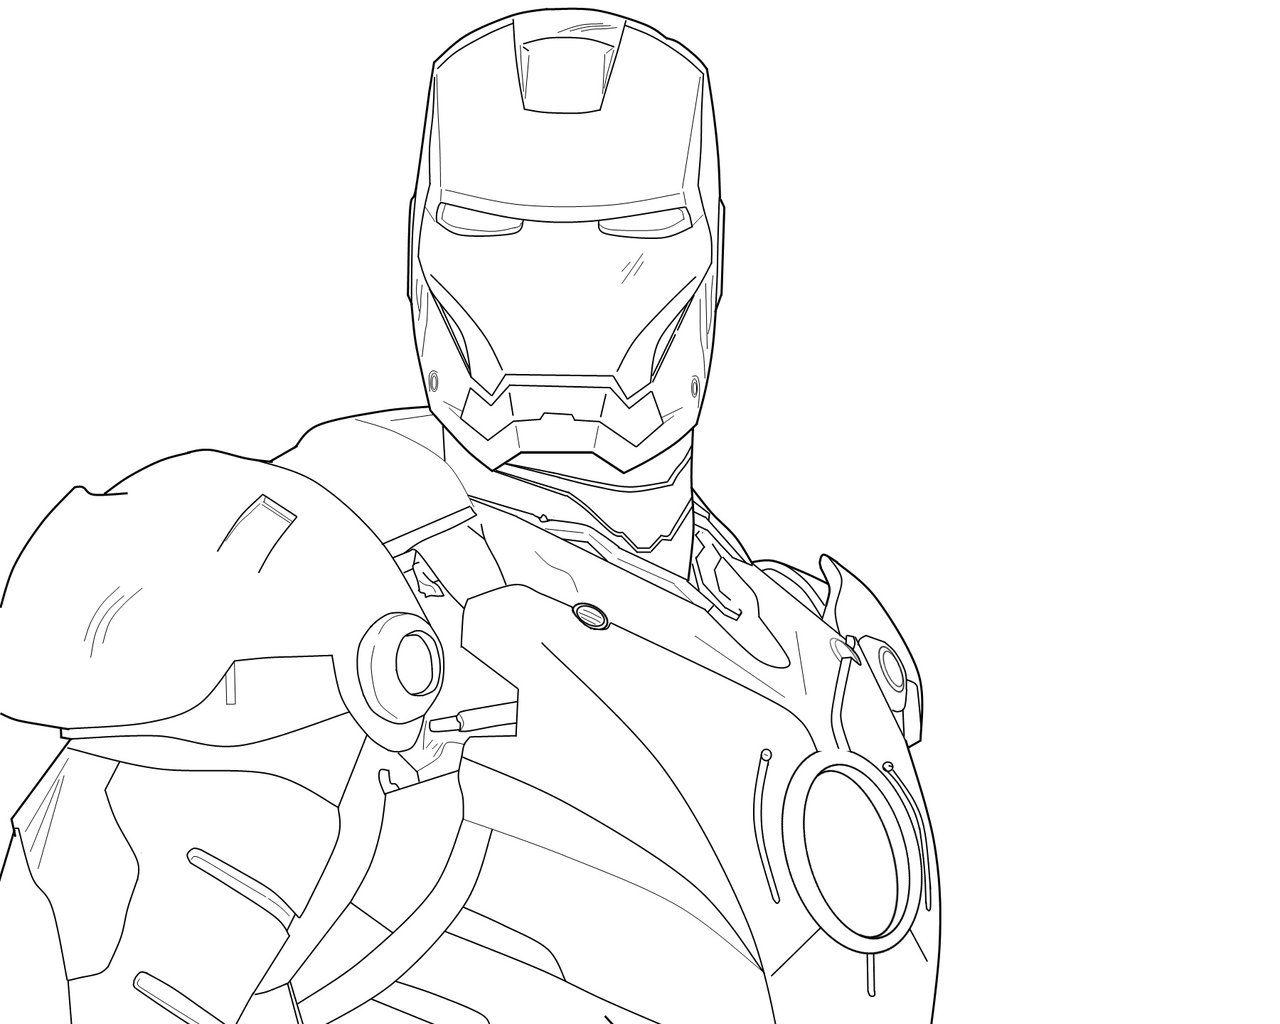 Iron Man Line Drawing By Tehdrummerer D5uh3ig Jpg 1280 1024 Dessin Trait Iron Men Coloriage Gratuit